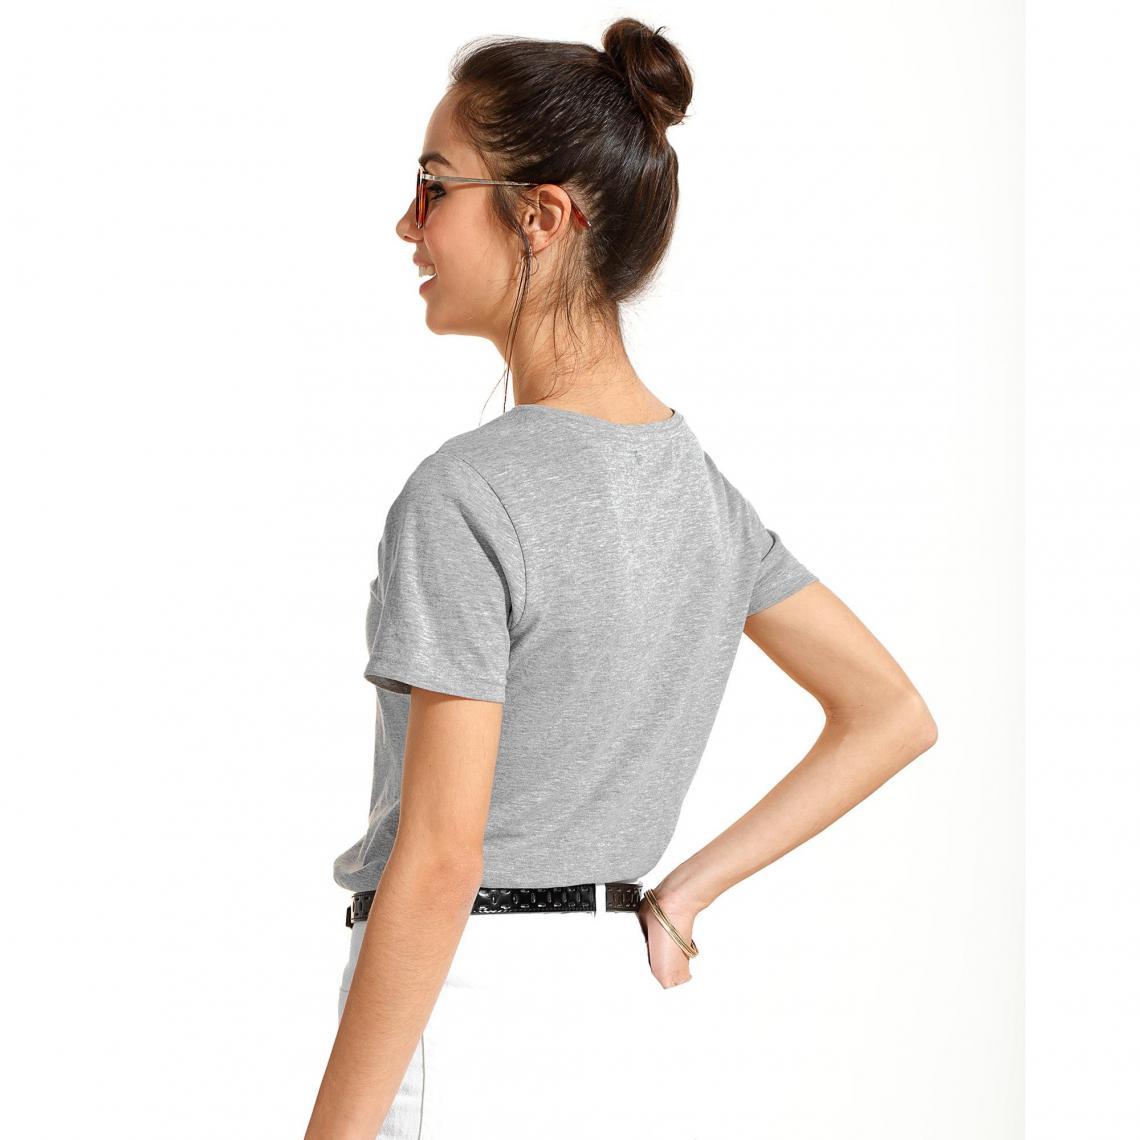 Bodies femme 3 SUISSES Cliquez l image pour l agrandir. Body manches  courtes imprimé femme Exclusivité 3SUISSES - gris chiné ... 1b5630593a3